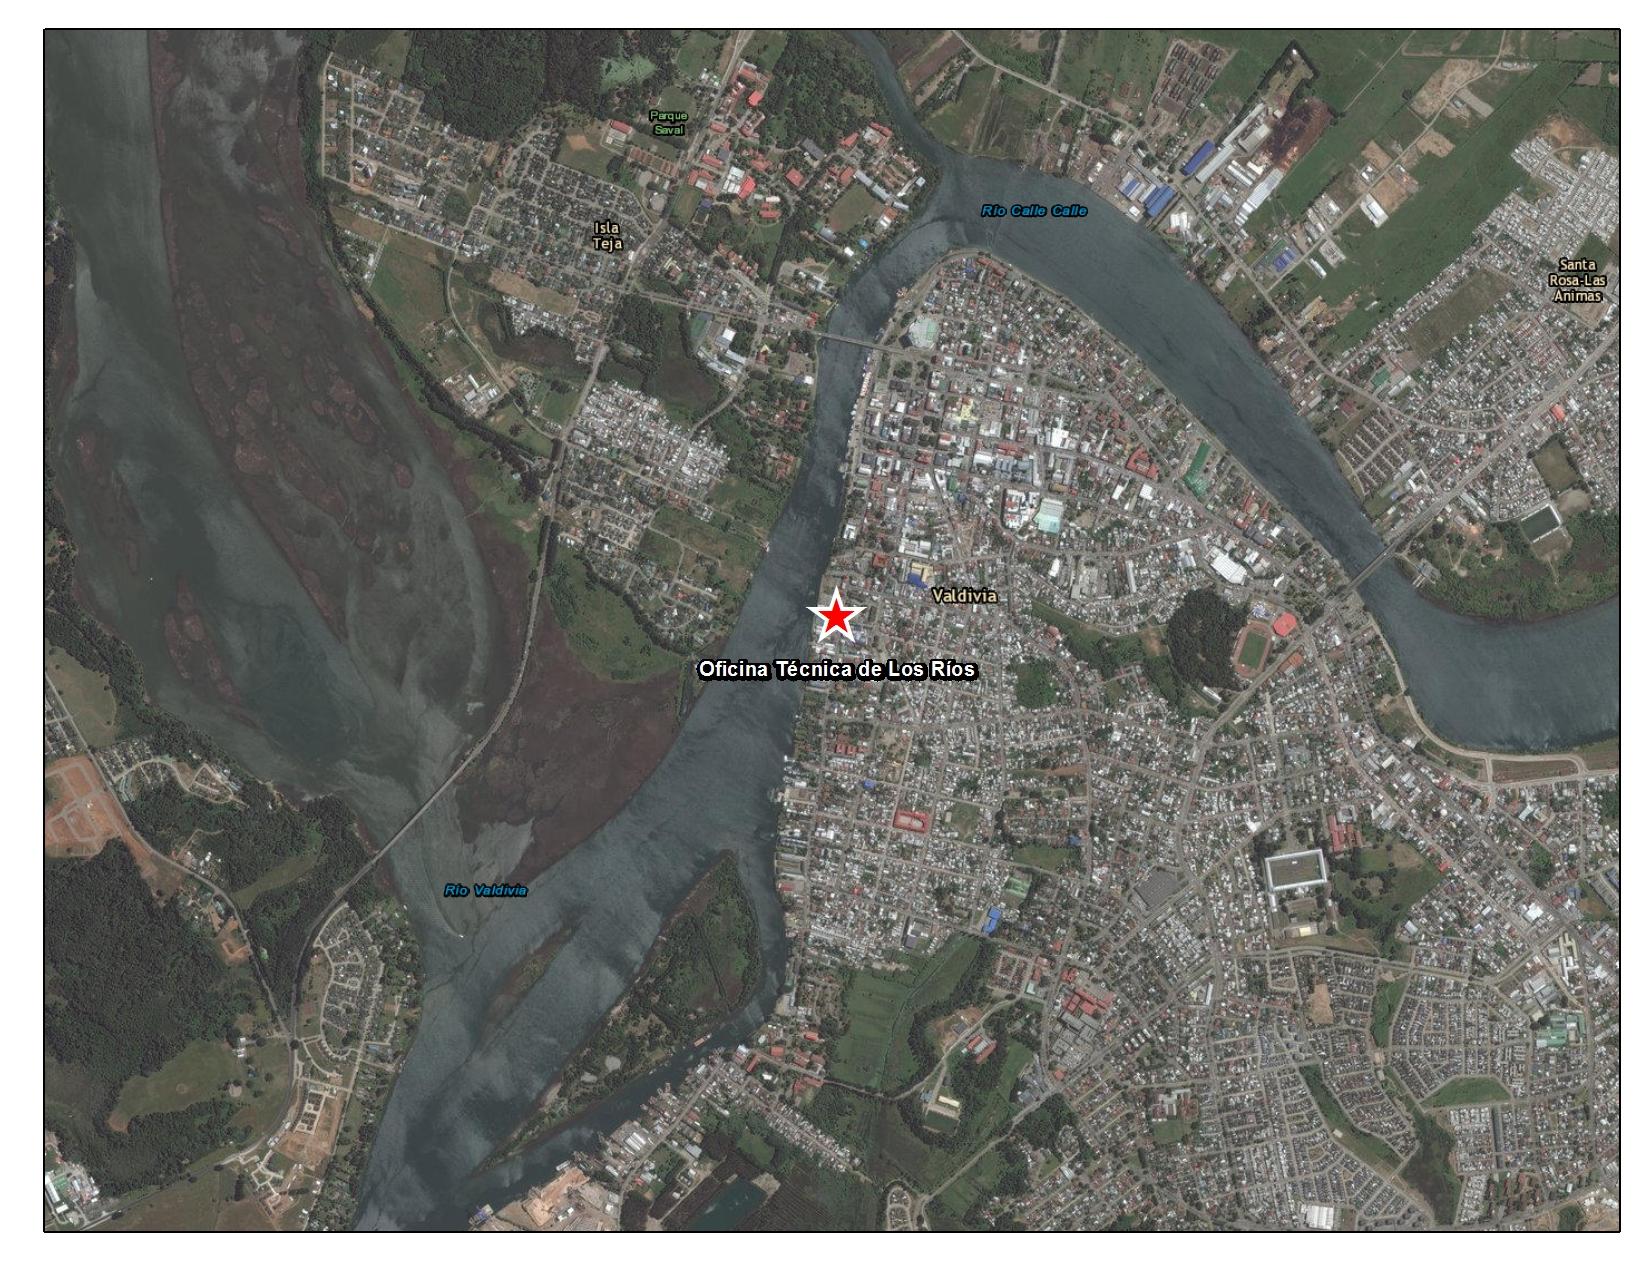 Imagen de Oficina técnica regional de Los Ríos